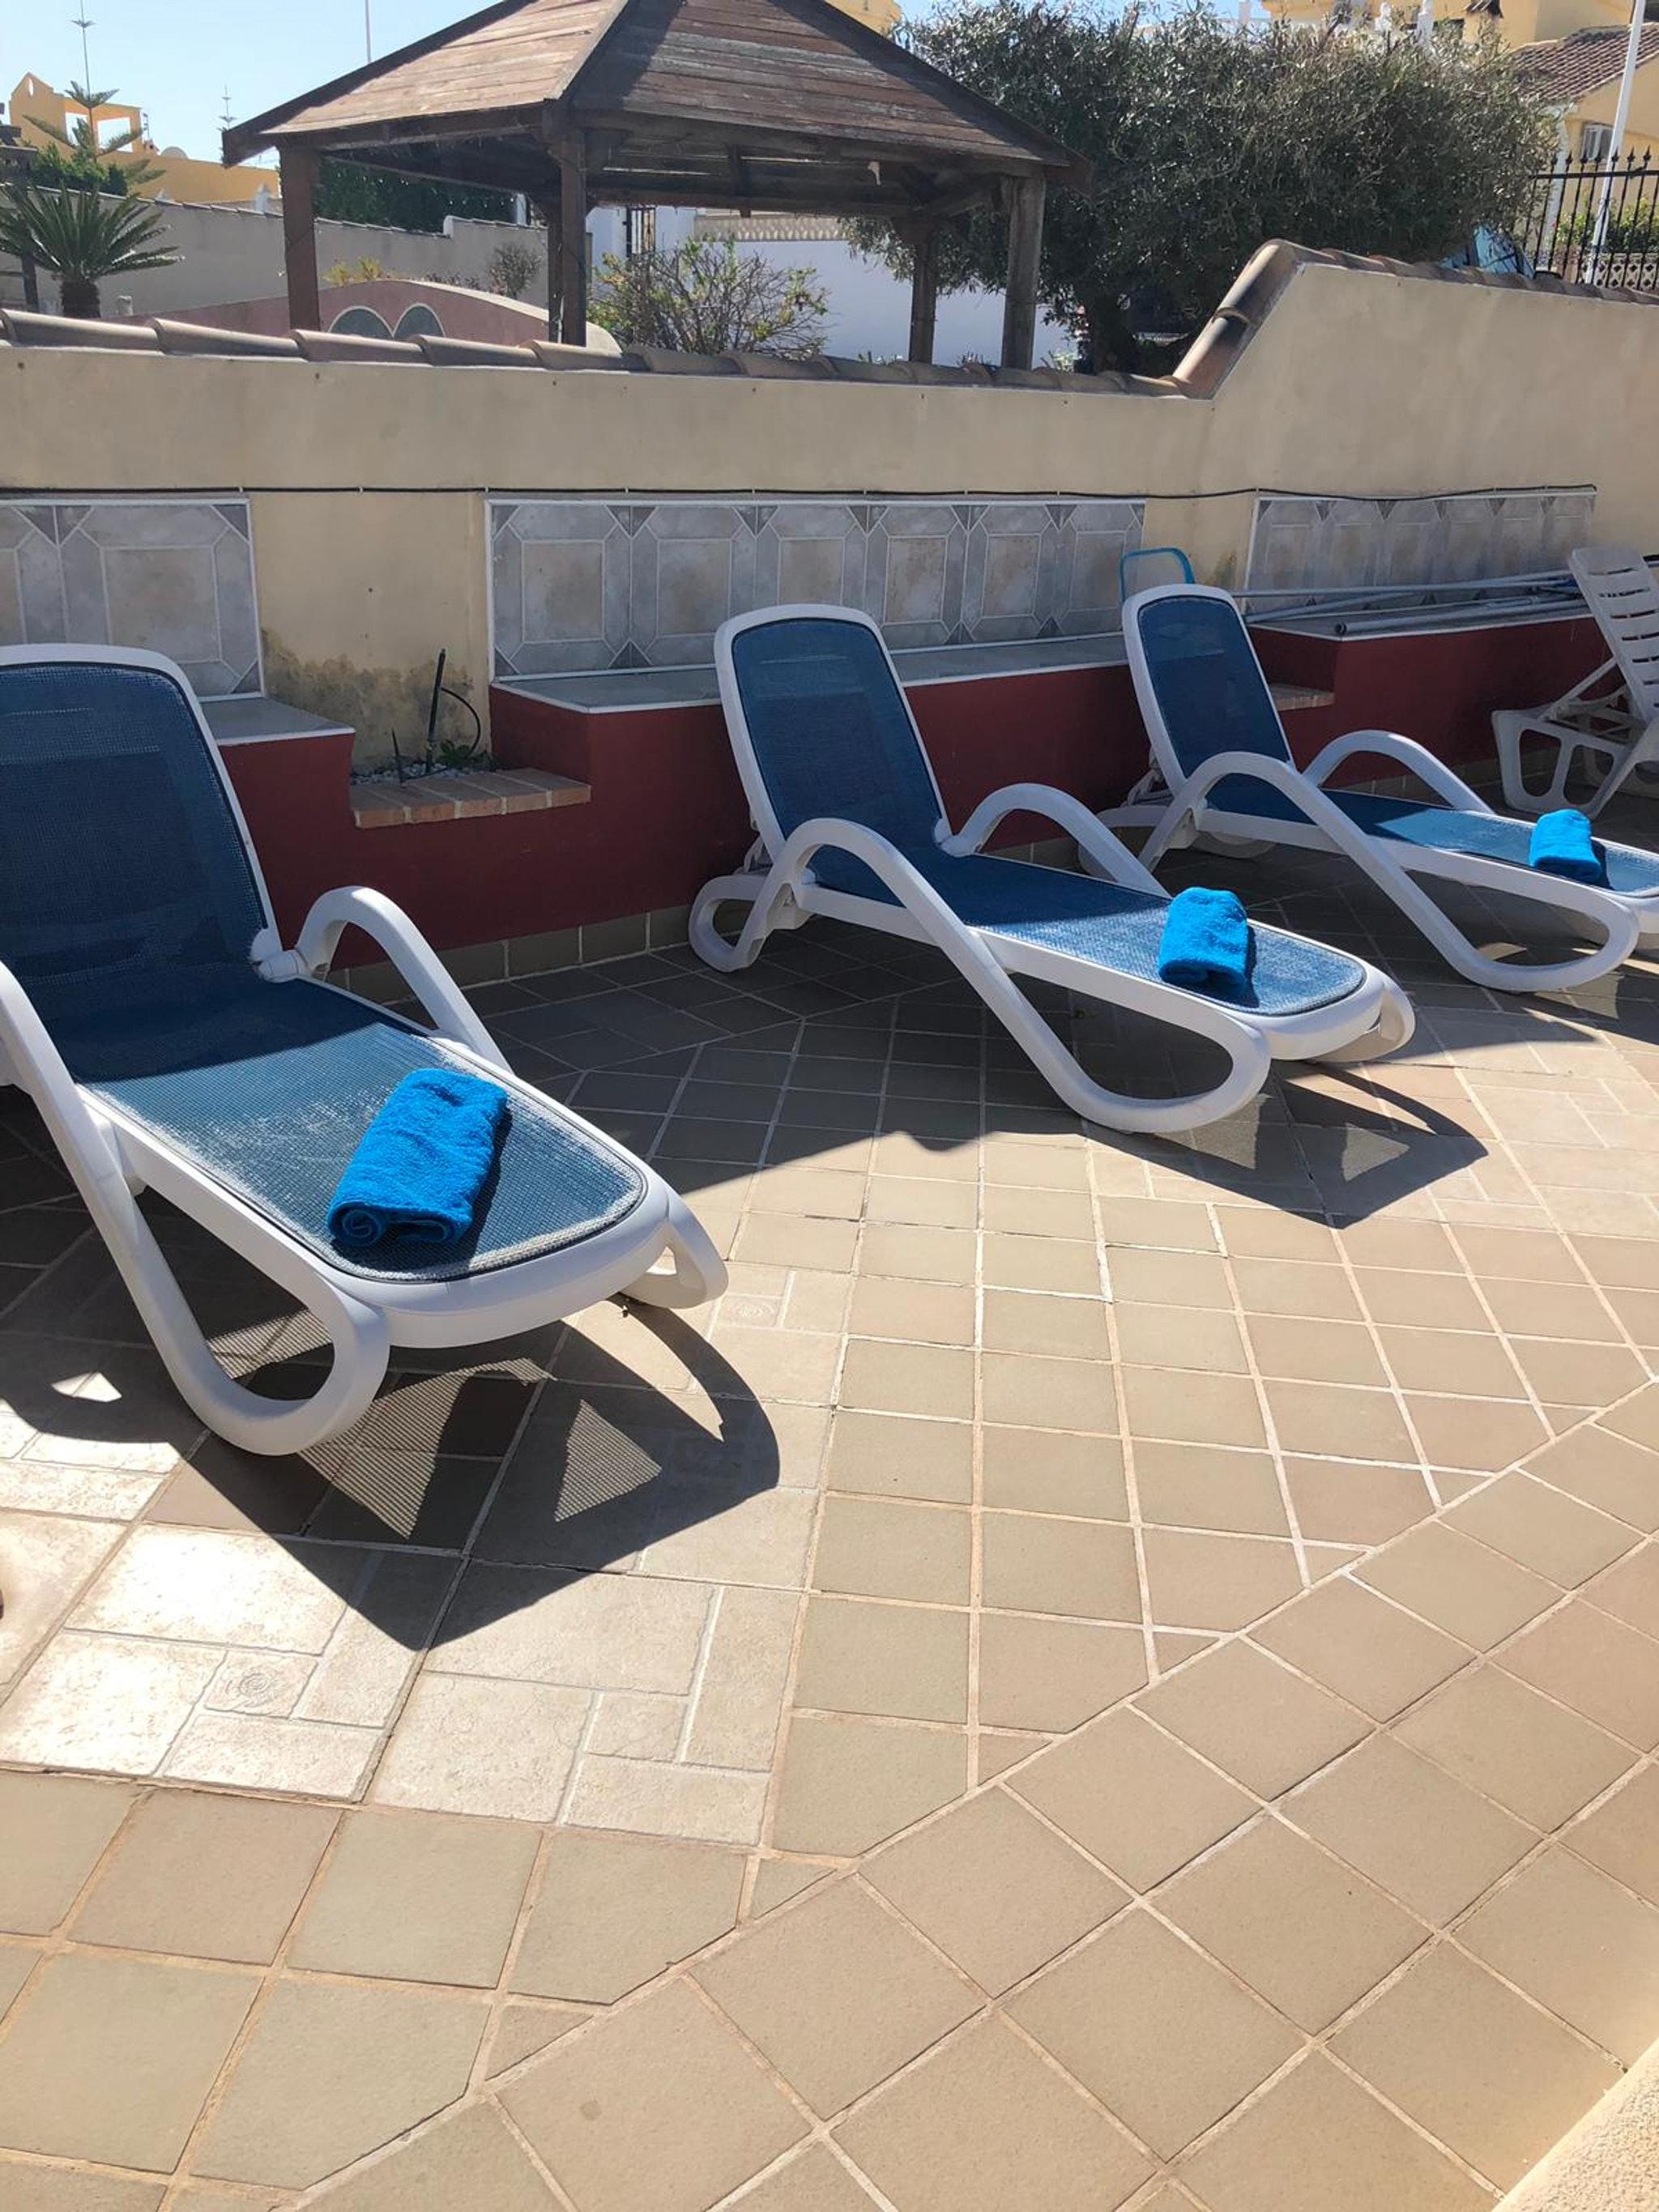 Maison de vacances Villa mit 2 Schlafzimmern in Mazarrón mit toller Aussicht auf die Berge, privatem Pool, ei (2632538), Mazarron, Costa Calida, Murcie, Espagne, image 39